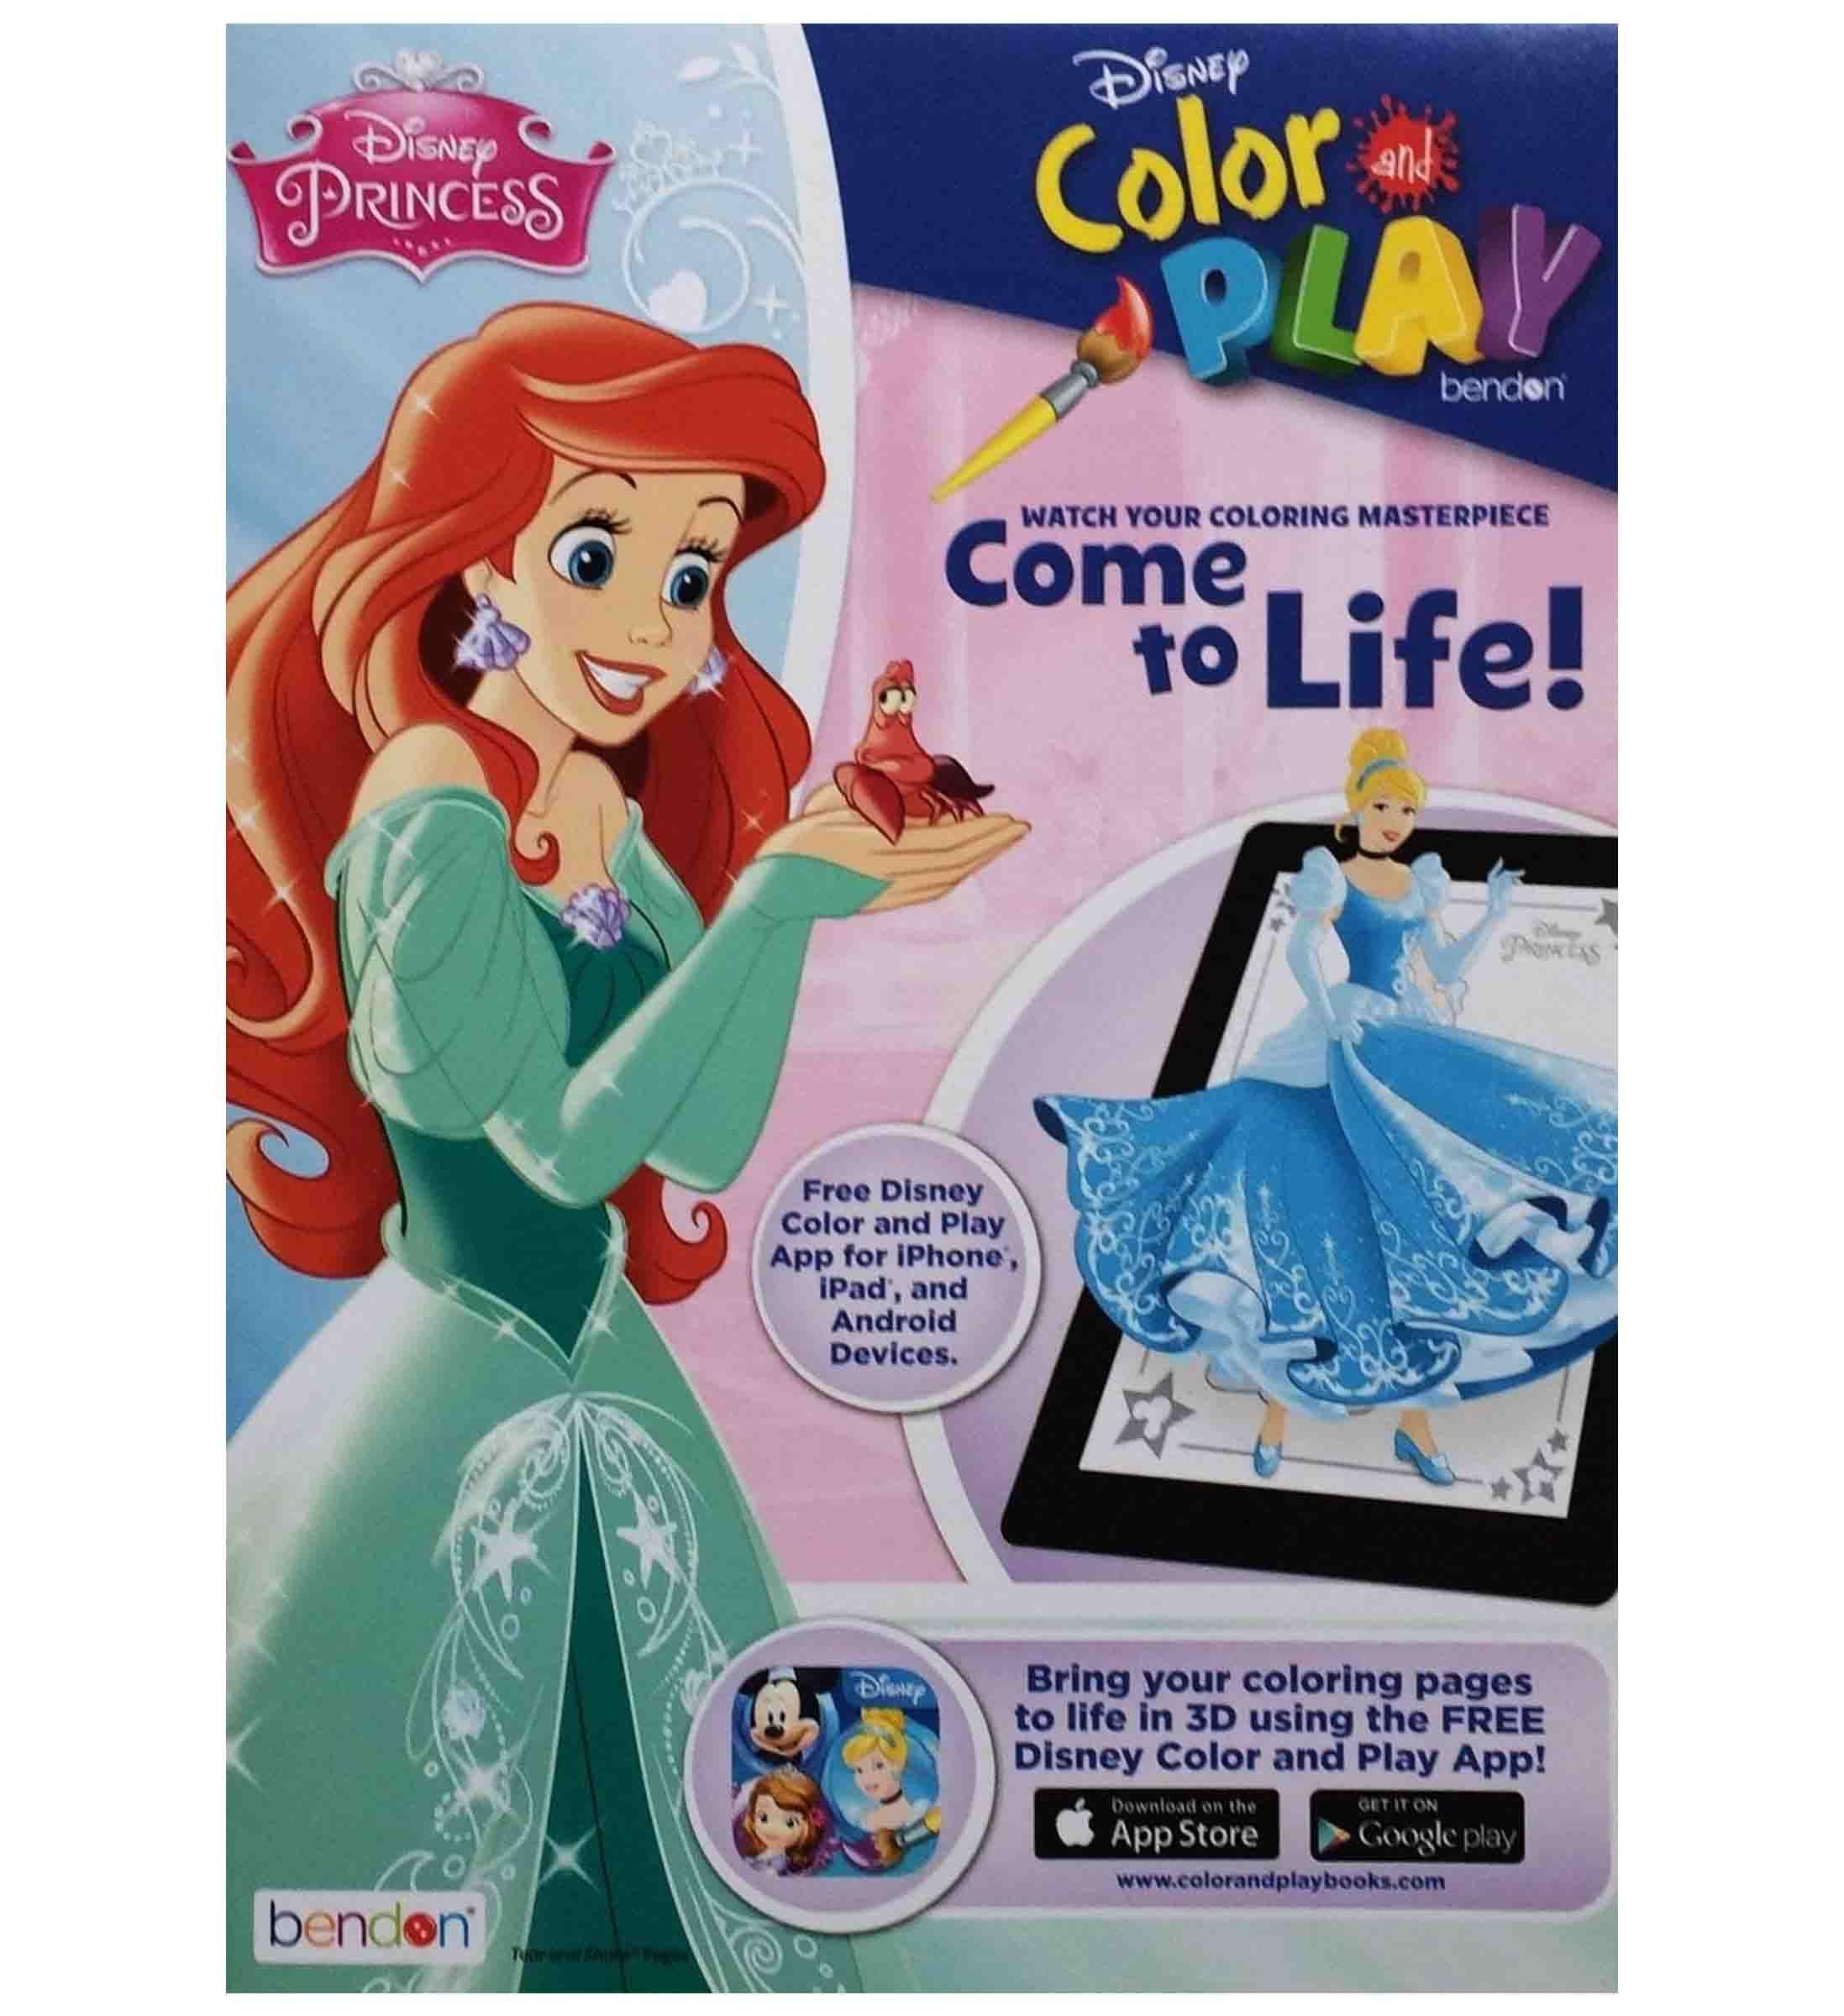 Disney Princess Coloring Book Walmart In 2020 Disney Princess Colors Princess Coloring Coloring Books [ 2400 x 2195 Pixel ]